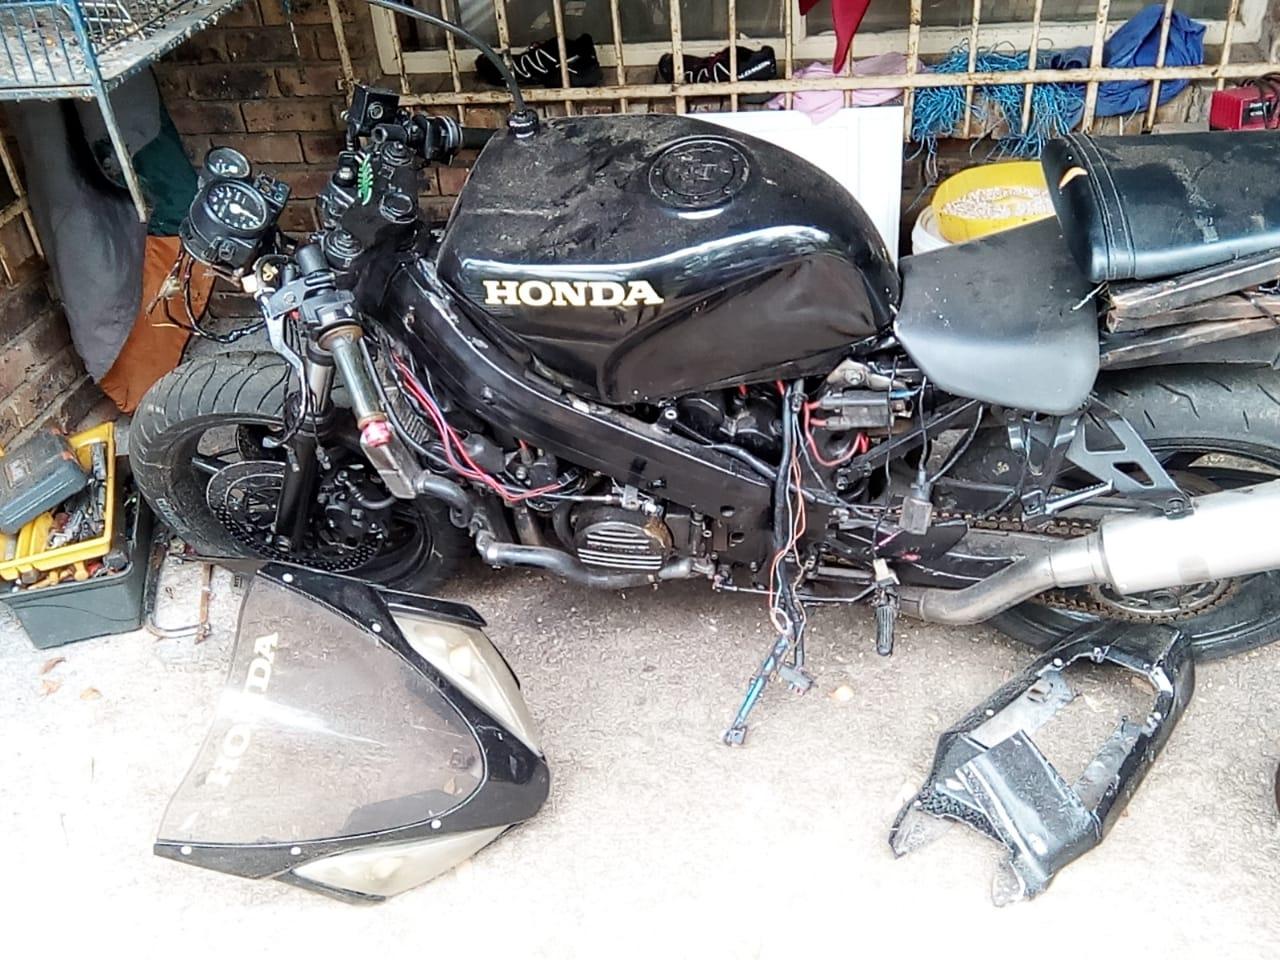 Honda VFR forsale, licence behind